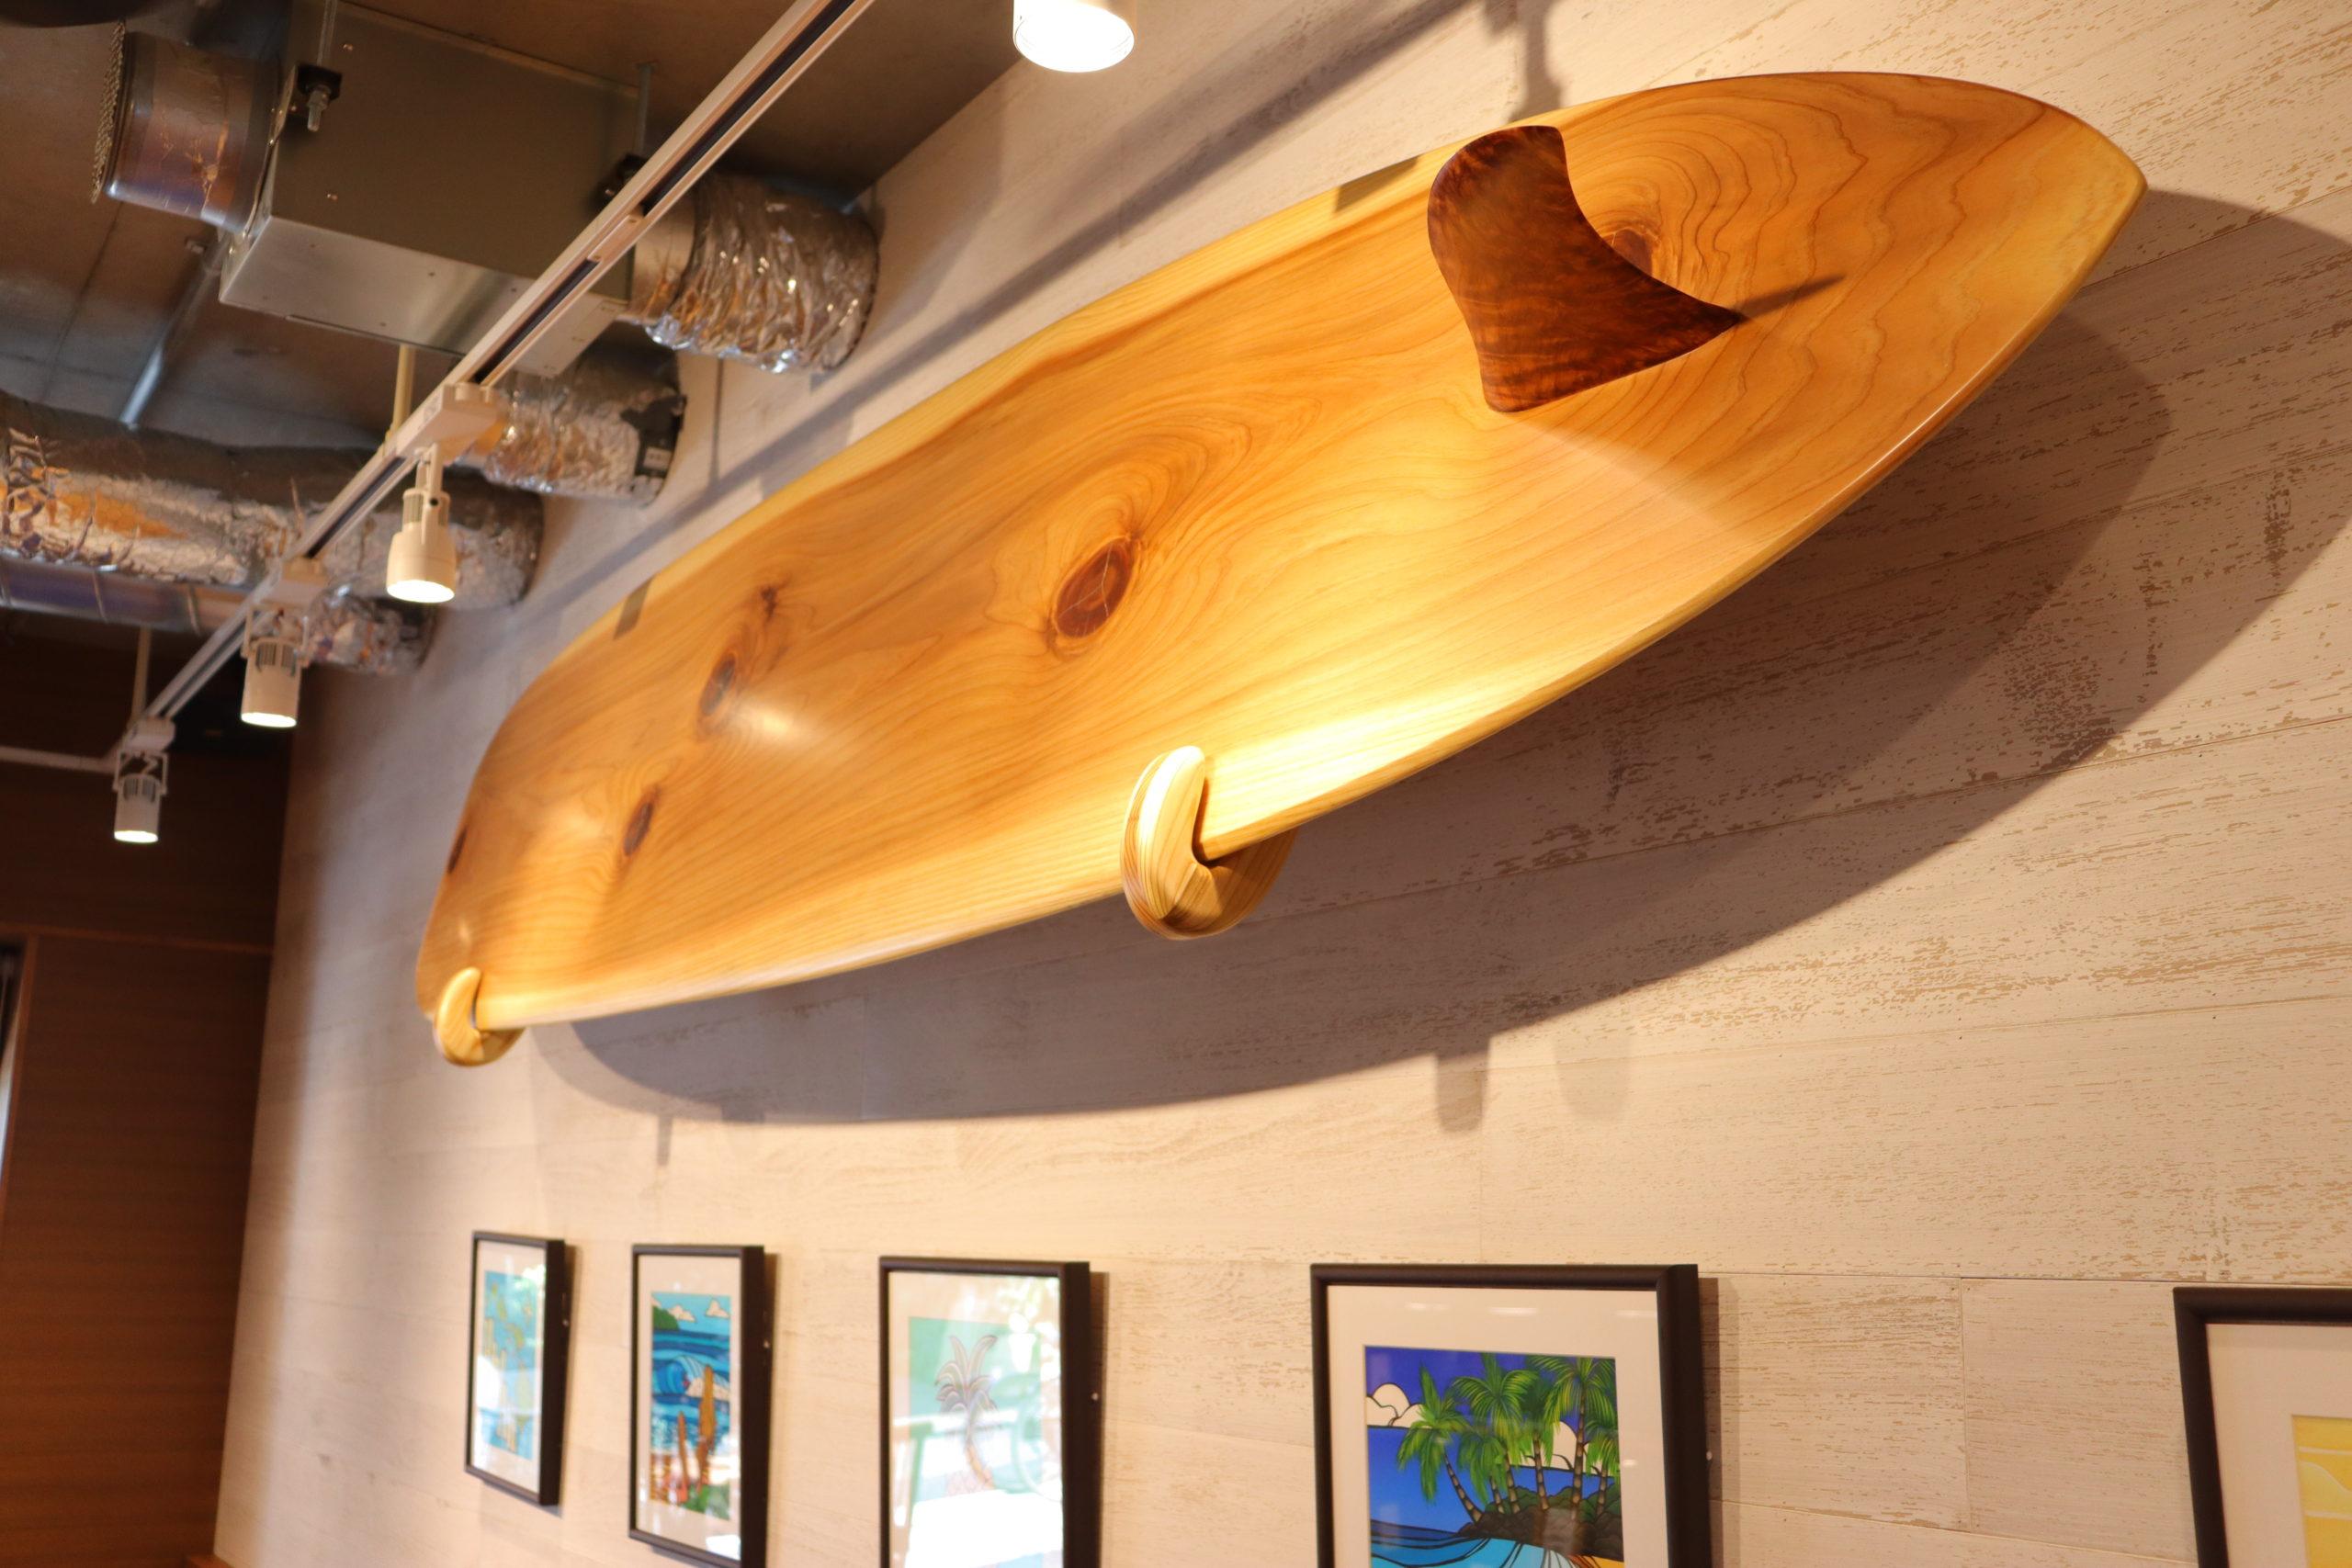 インテリア用の一枚板Wood-Surfboard